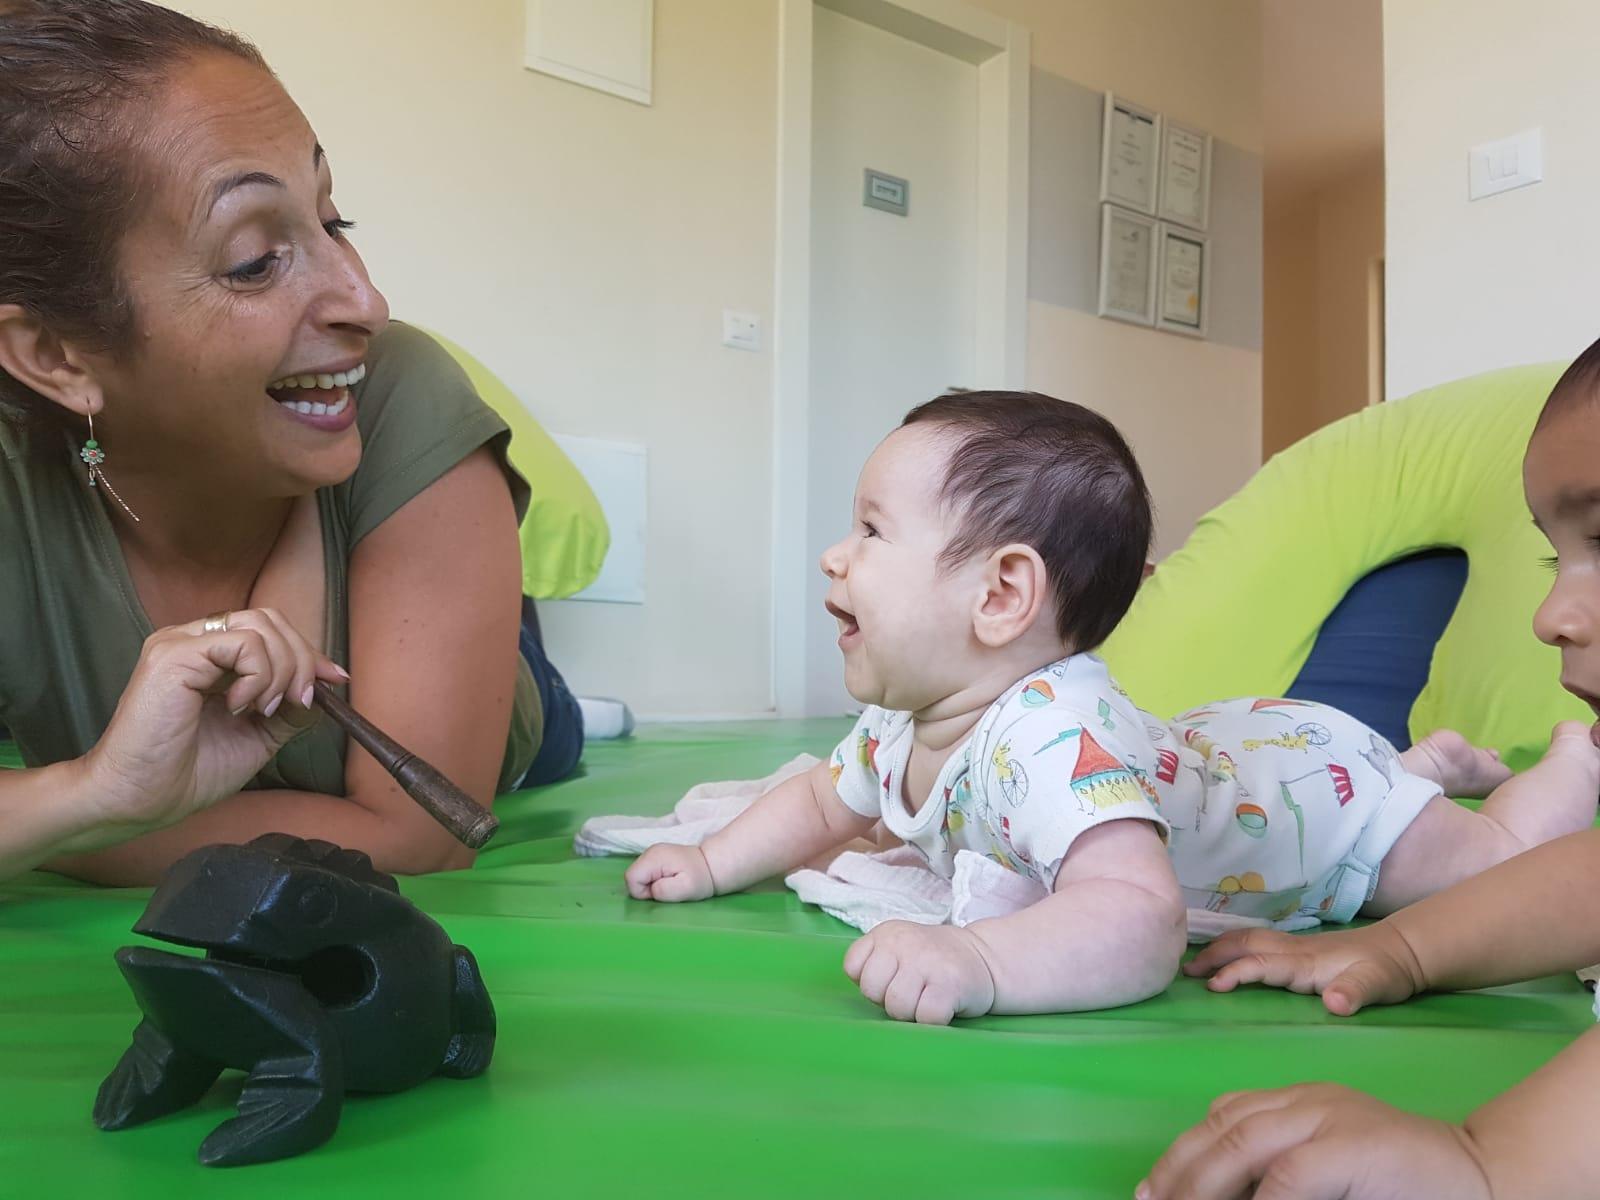 ענבלתנועה   הסדנאות שלי הן סדנאות ליווי התפתחותי ועיסוי תינוקות